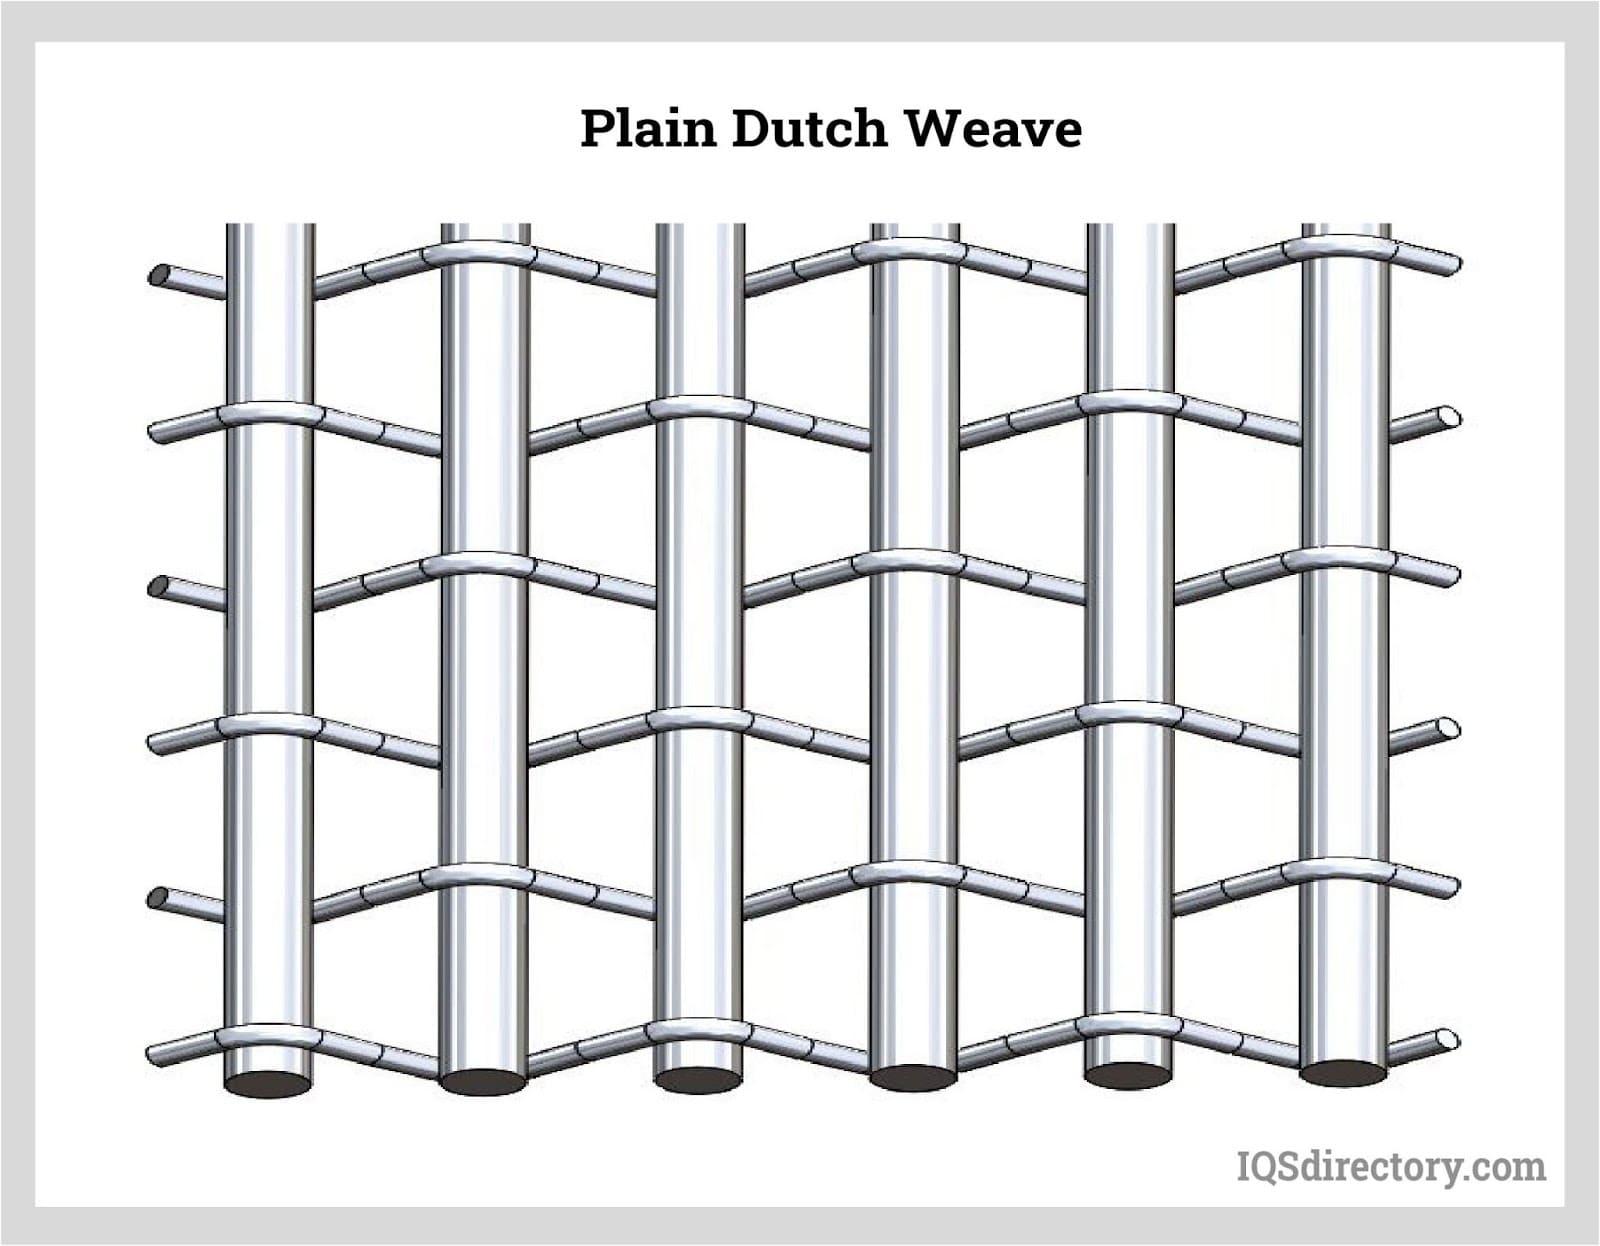 Plain Dutch Weave